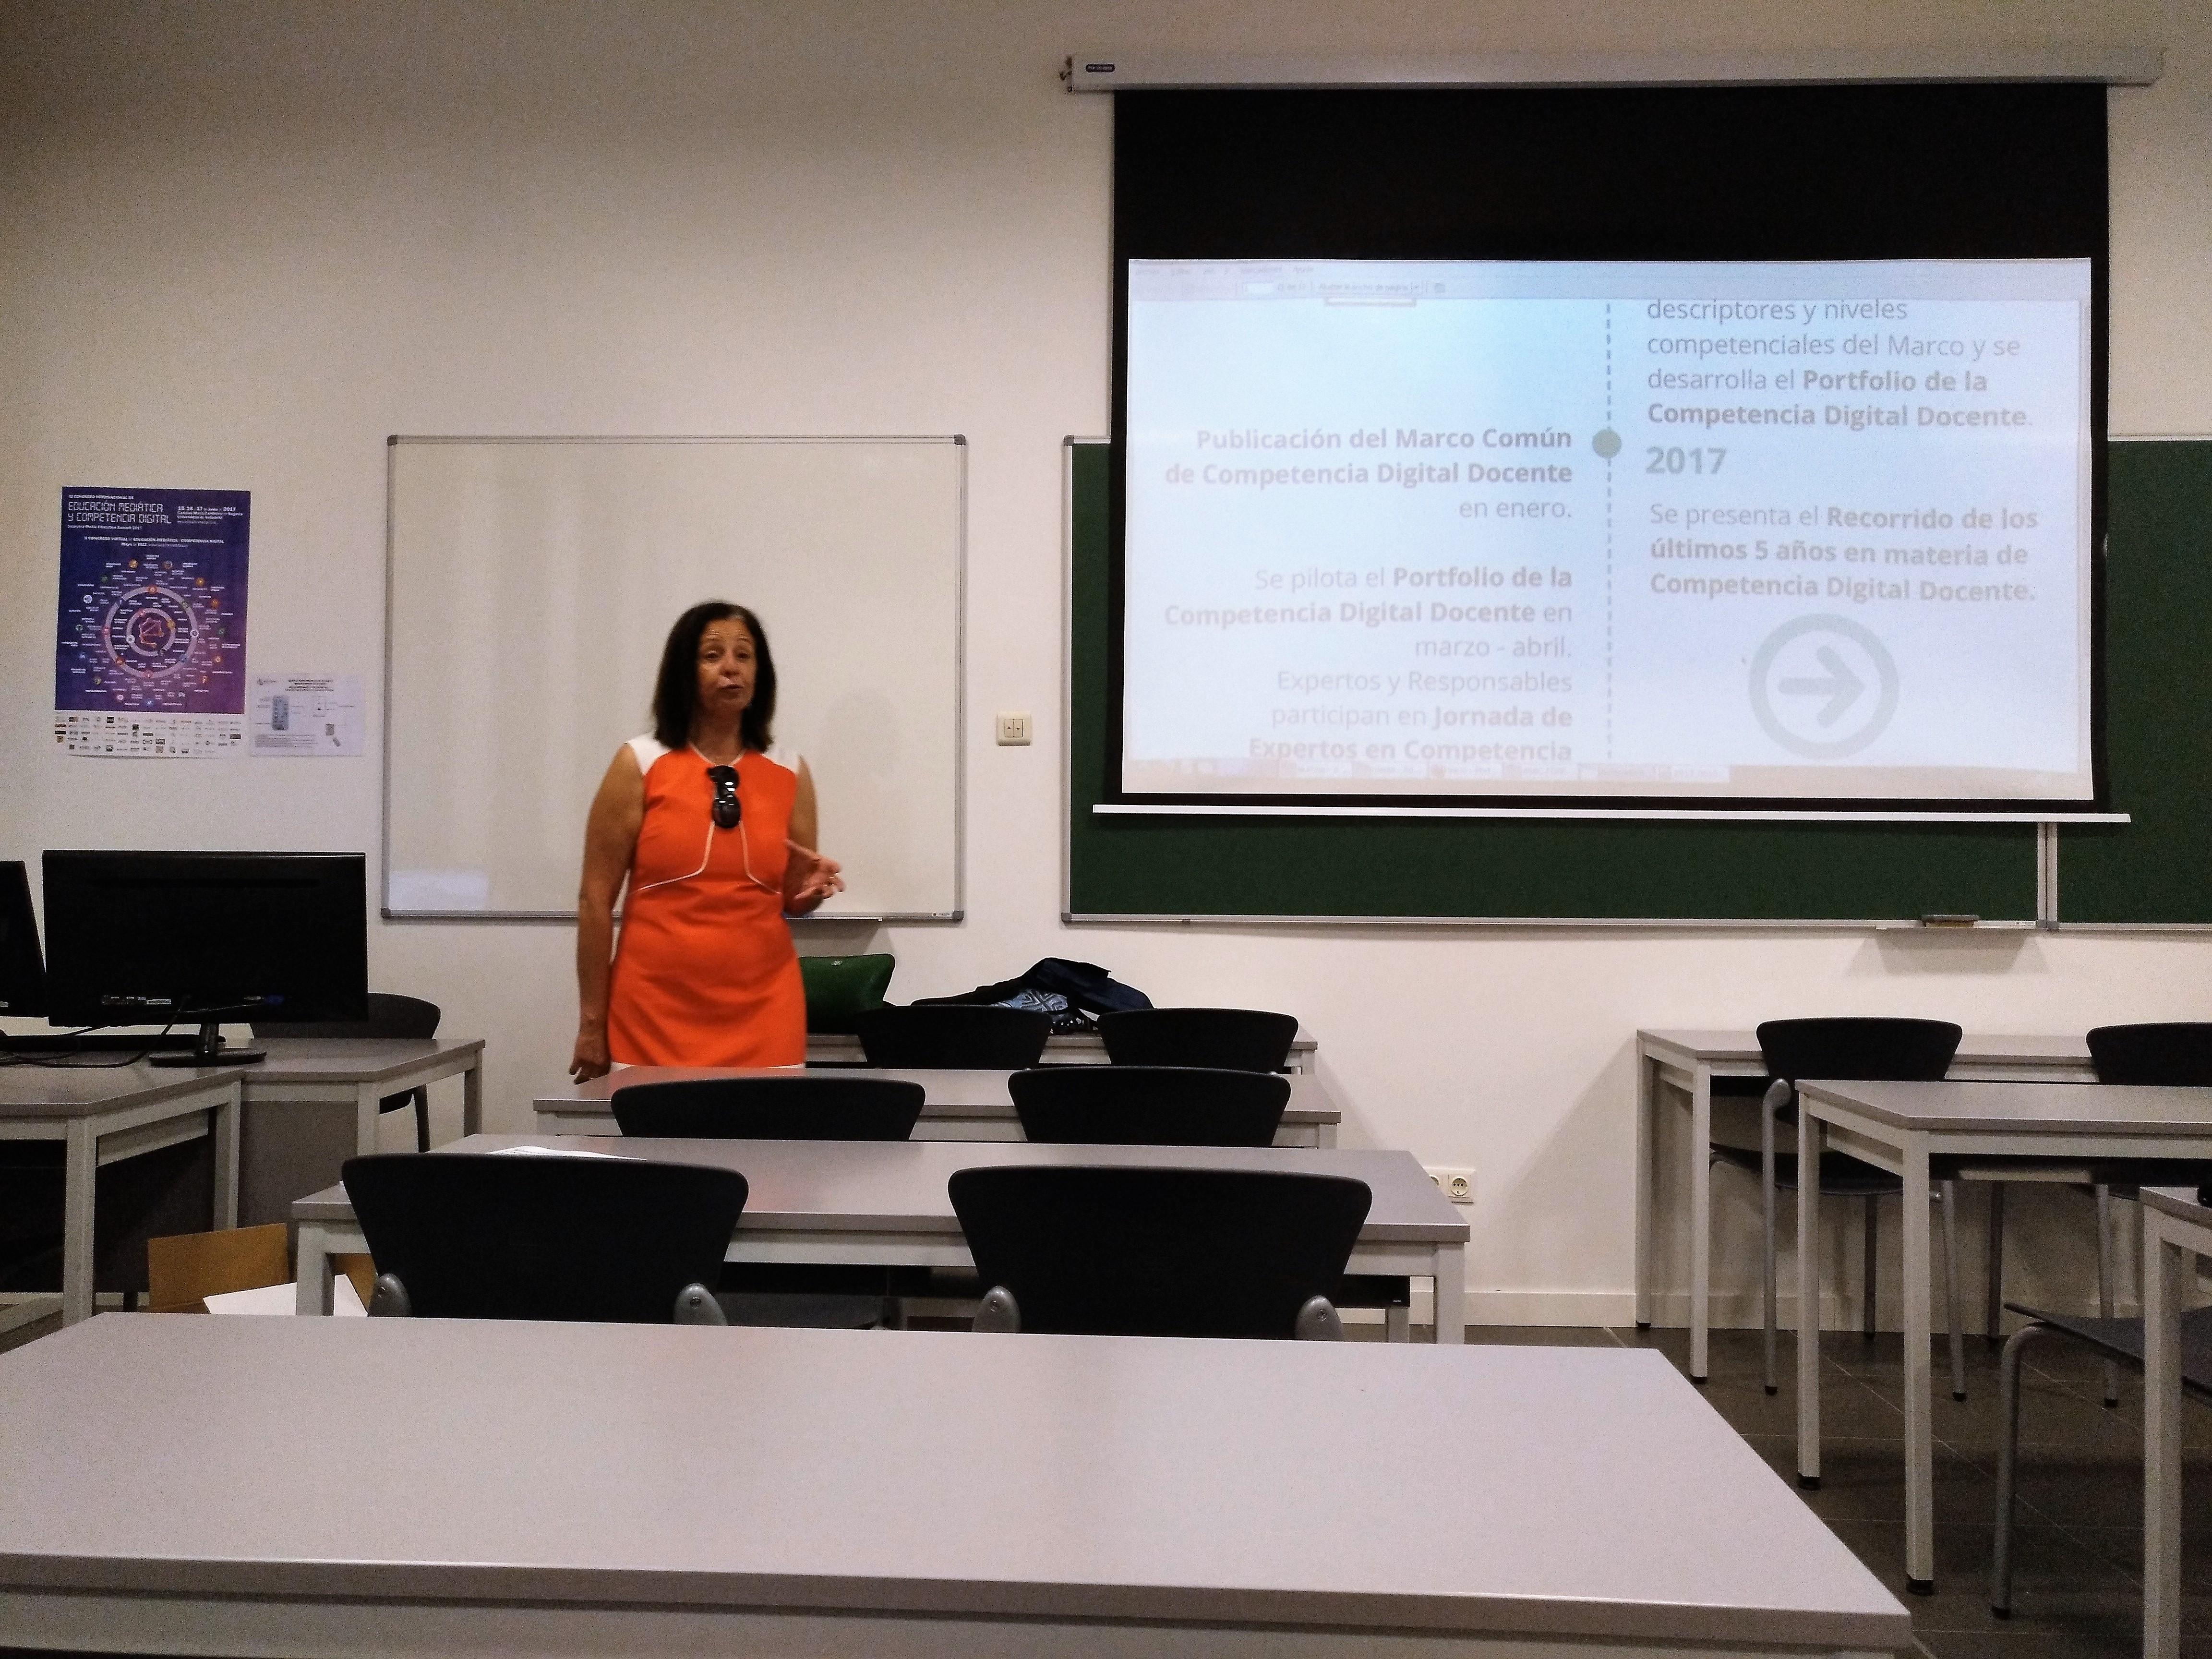 Portfolio de la Competencia Digital Docente del INTEF